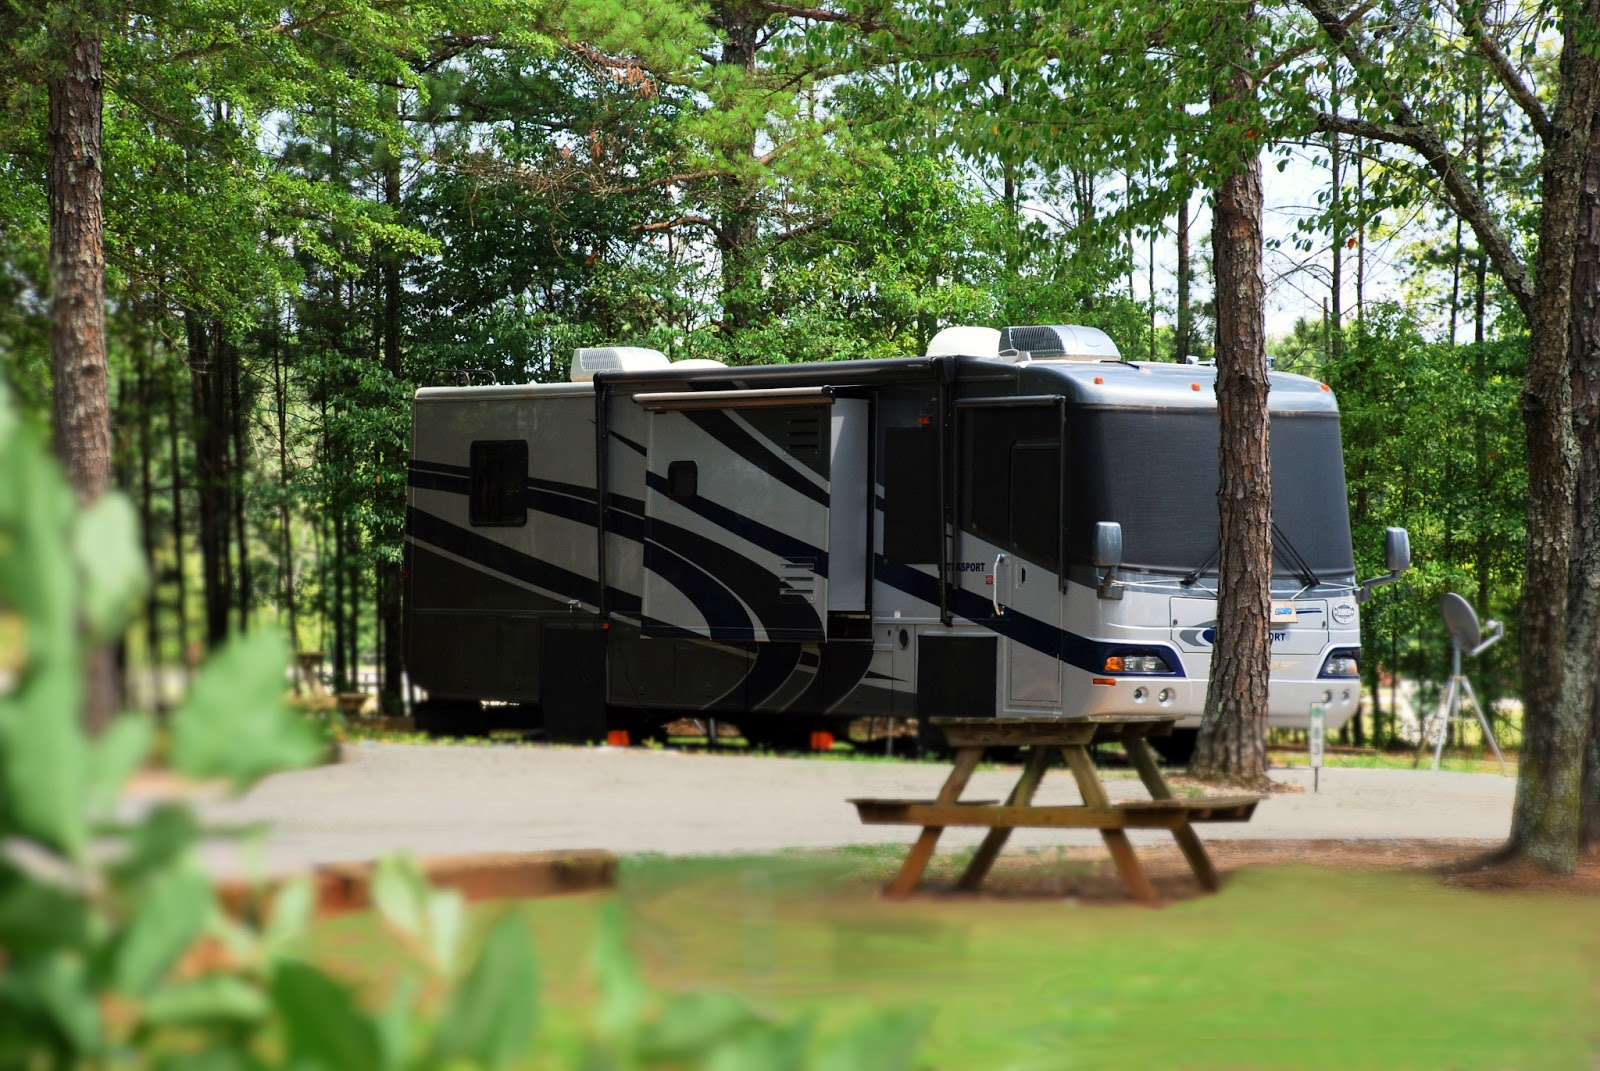 albany camping georgia resort rv: georgia ga rv parks rv campgrounds